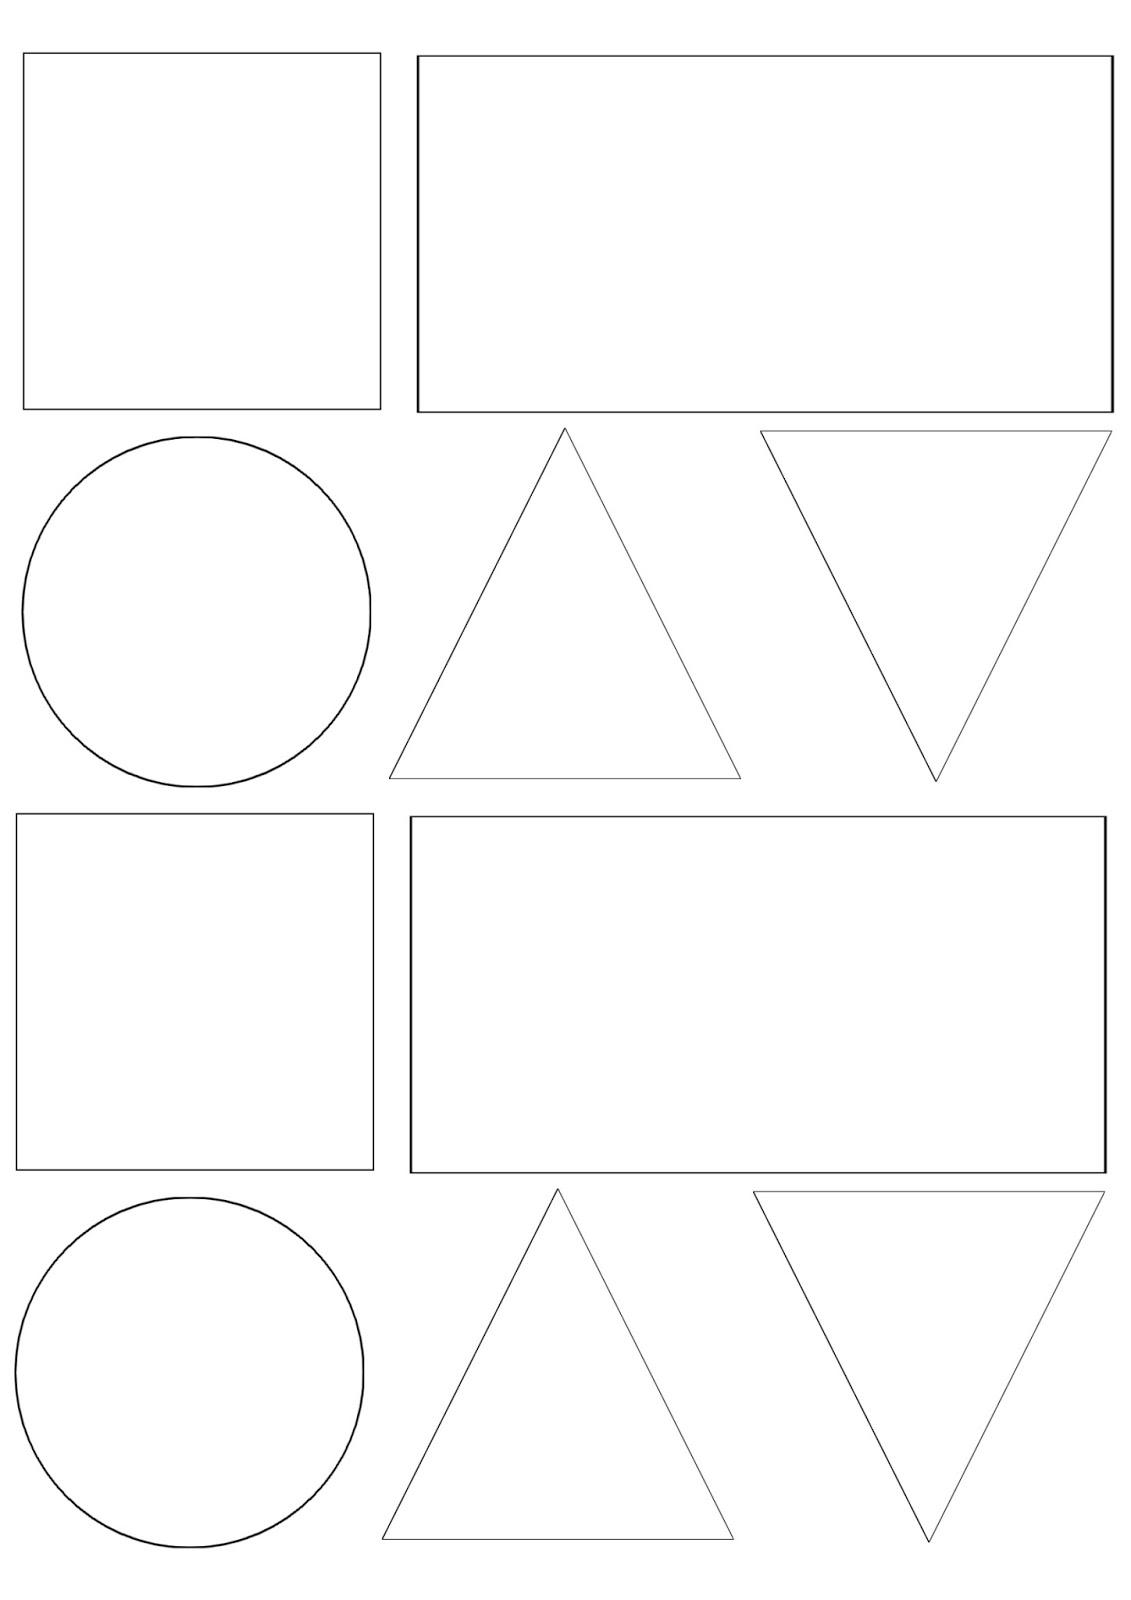 Geometrické tvary ke stažení po kliknutí se obrázek zvětší